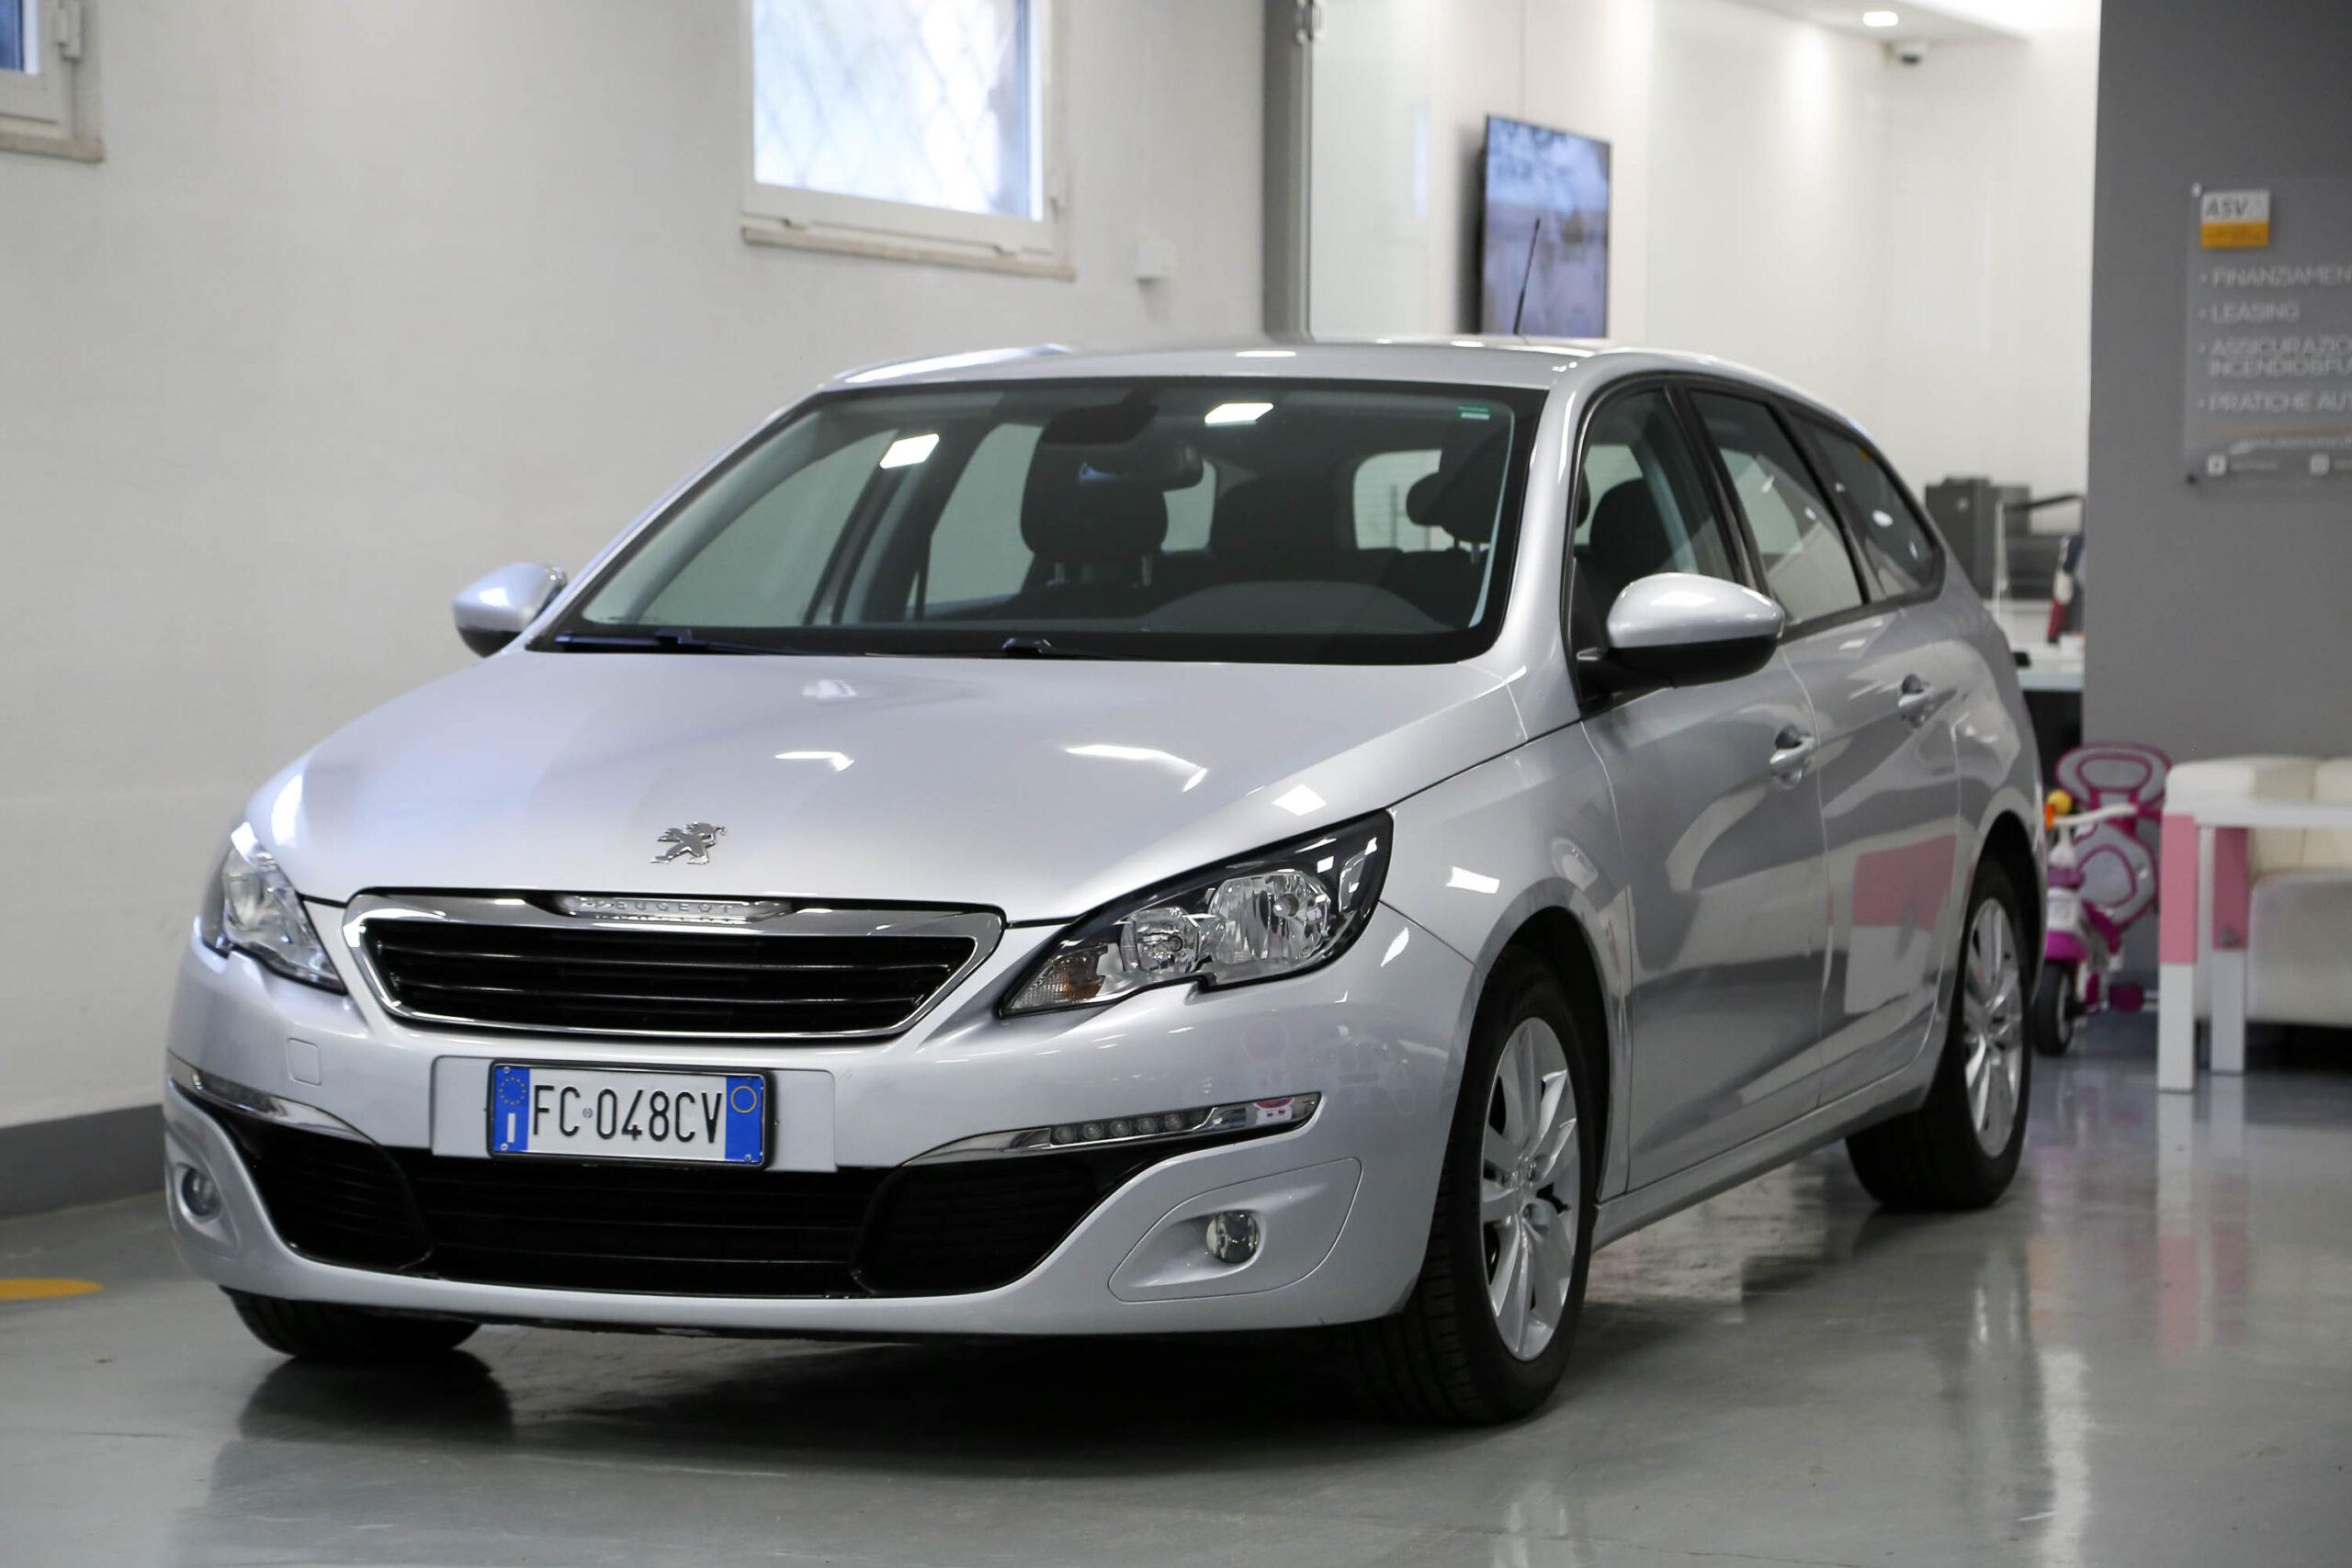 Peugeot 308 BlueHDi 120 S